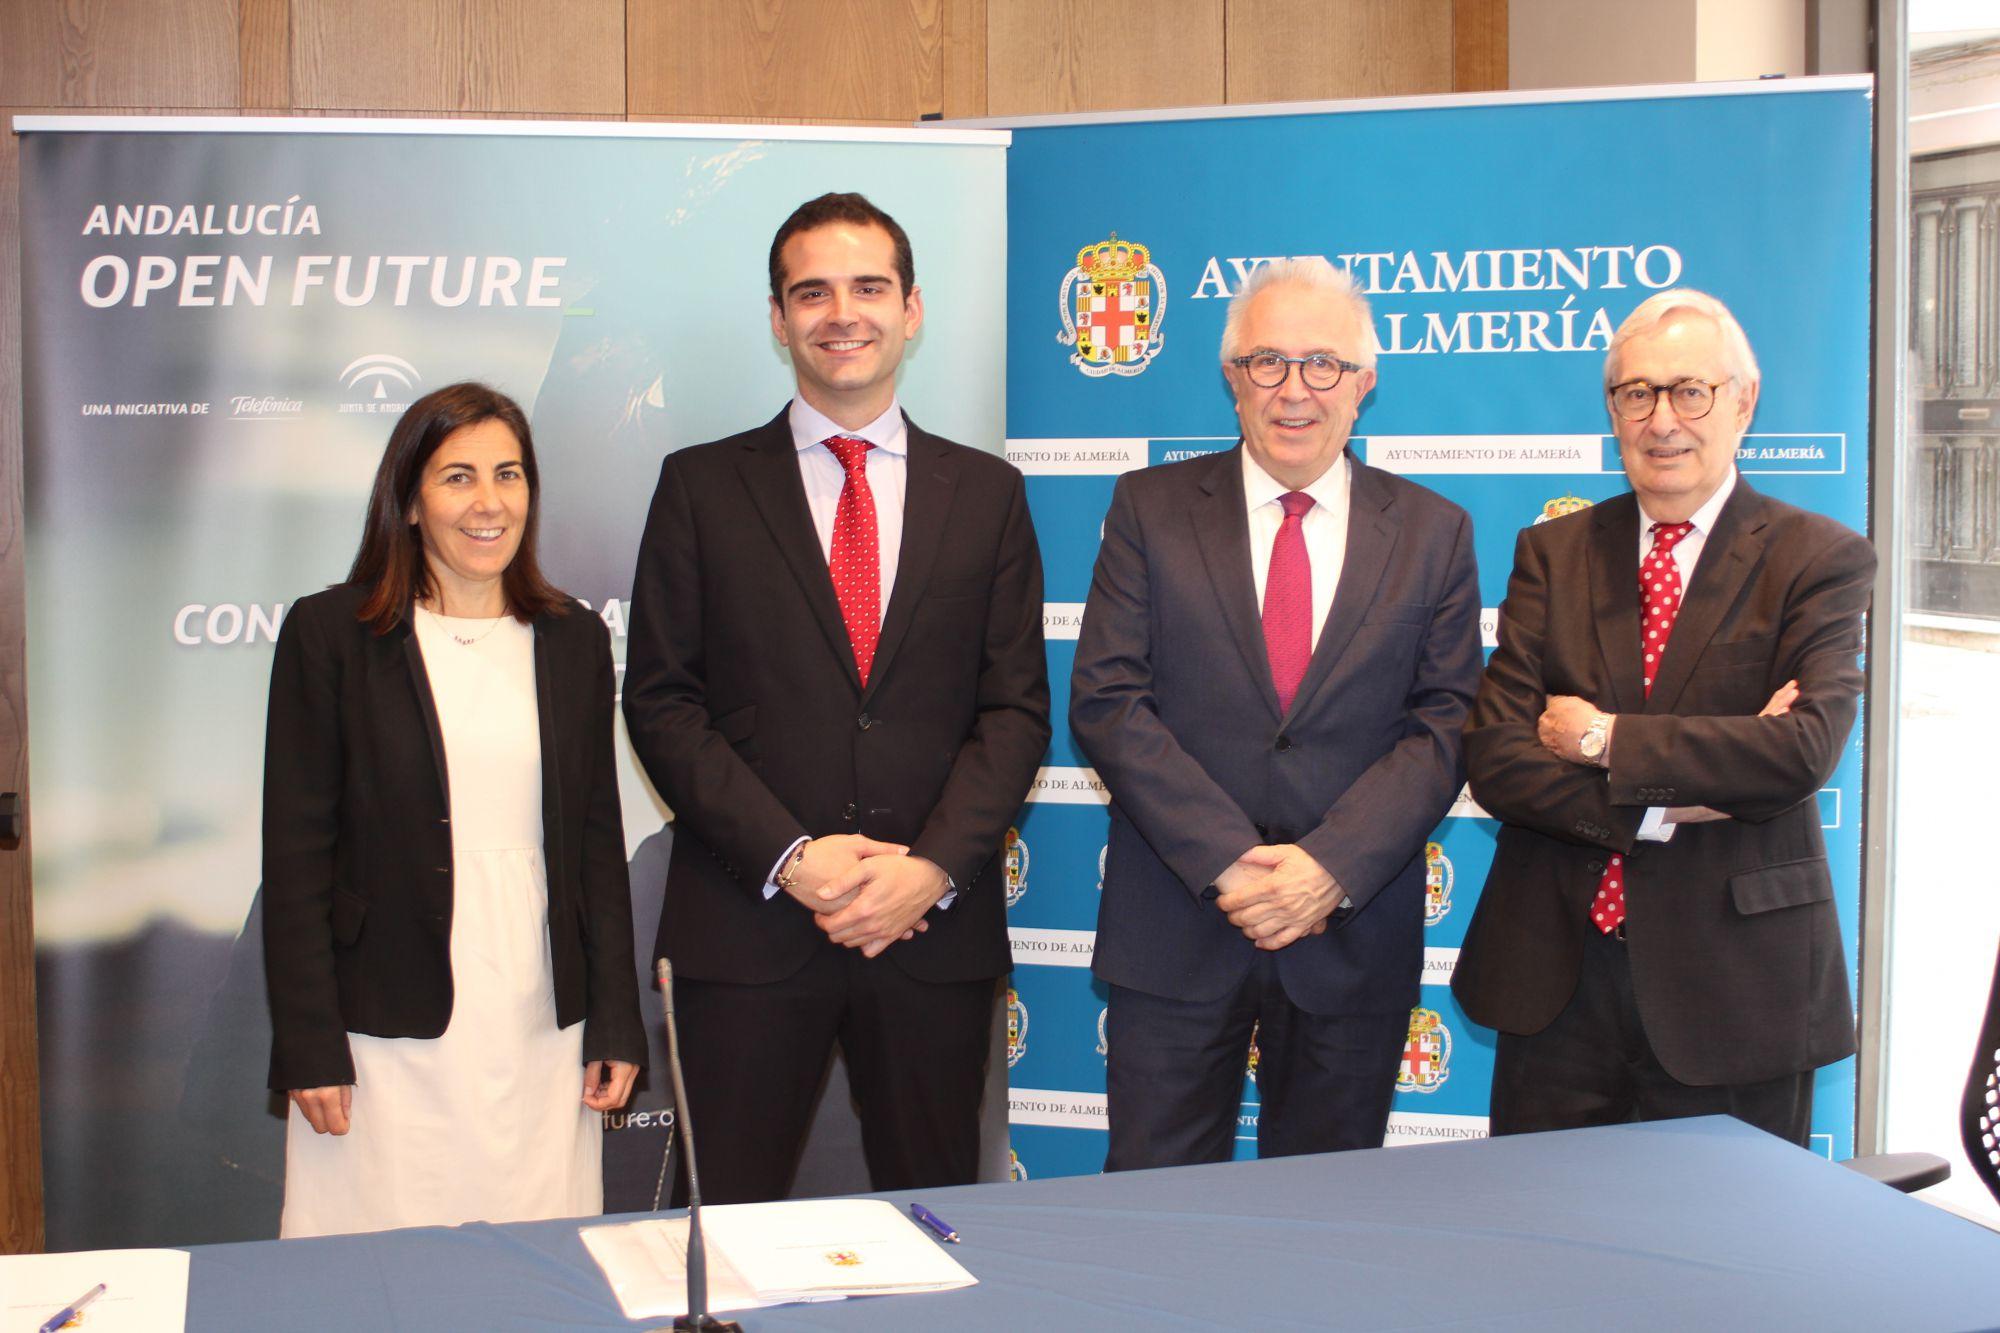 Almería se convierte en capital del empredimiento gracias al programa Andalucía Open Future